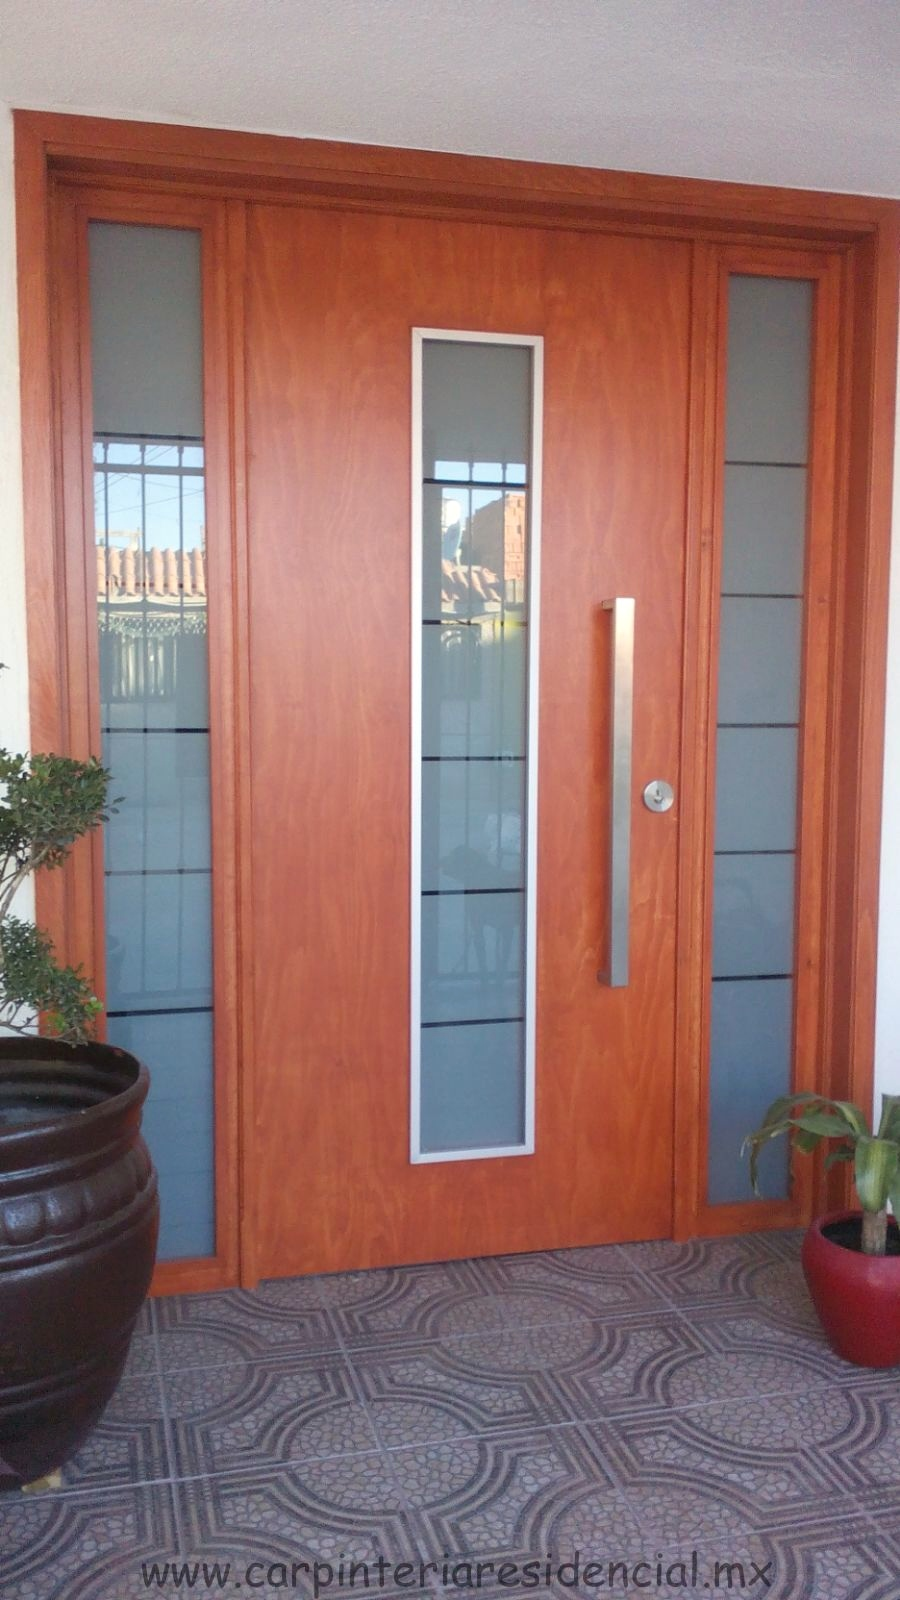 Trabajos recientes carpinteria residencial slp for Casas con puertas de vidrio